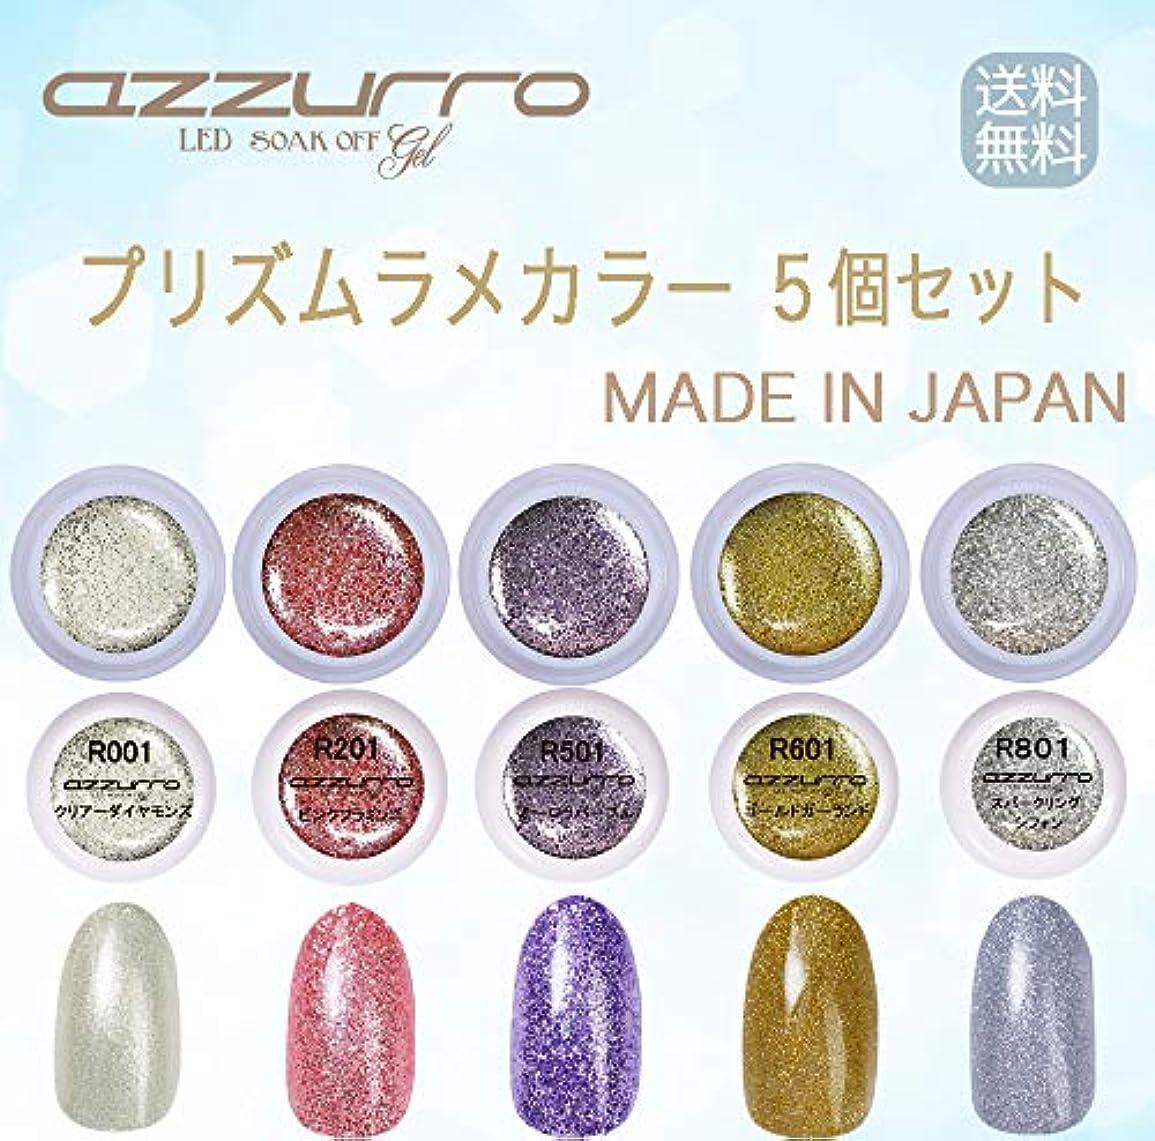 形成リダクター吸収剤【送料無料】日本製 azzurro gel プリズムラメカラージェル5個セット キラキラネイルにぴったりなカラー